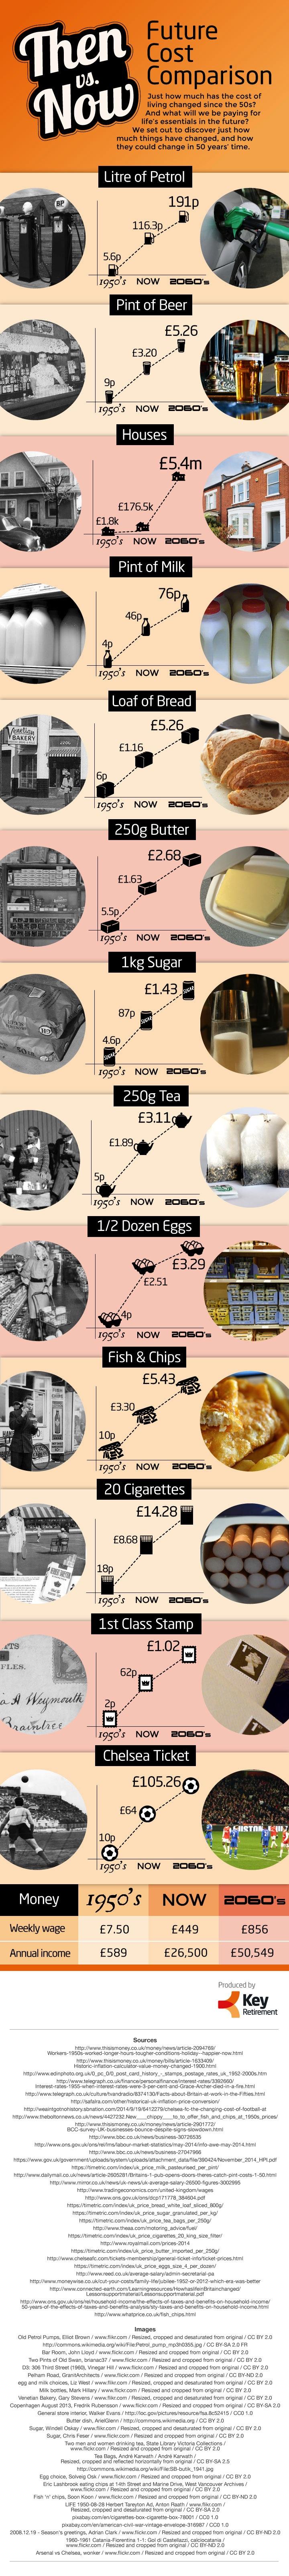 Costs - then versus now